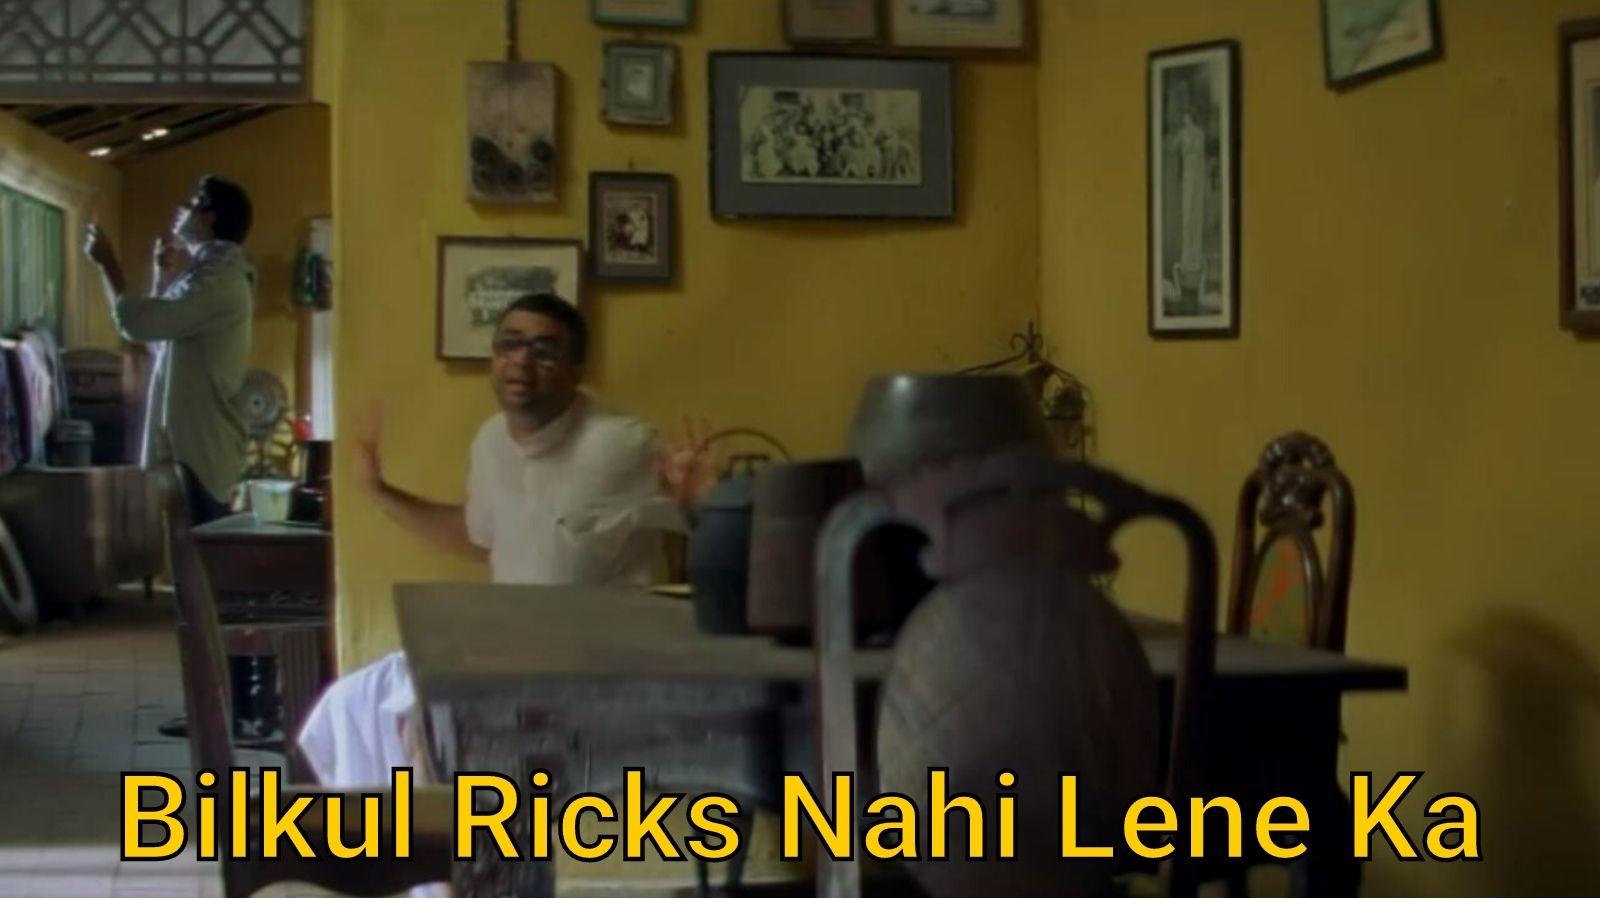 Bilkul-Ricks-Nahi-Lene-Ka-meme-template-of-Hera-Pheri